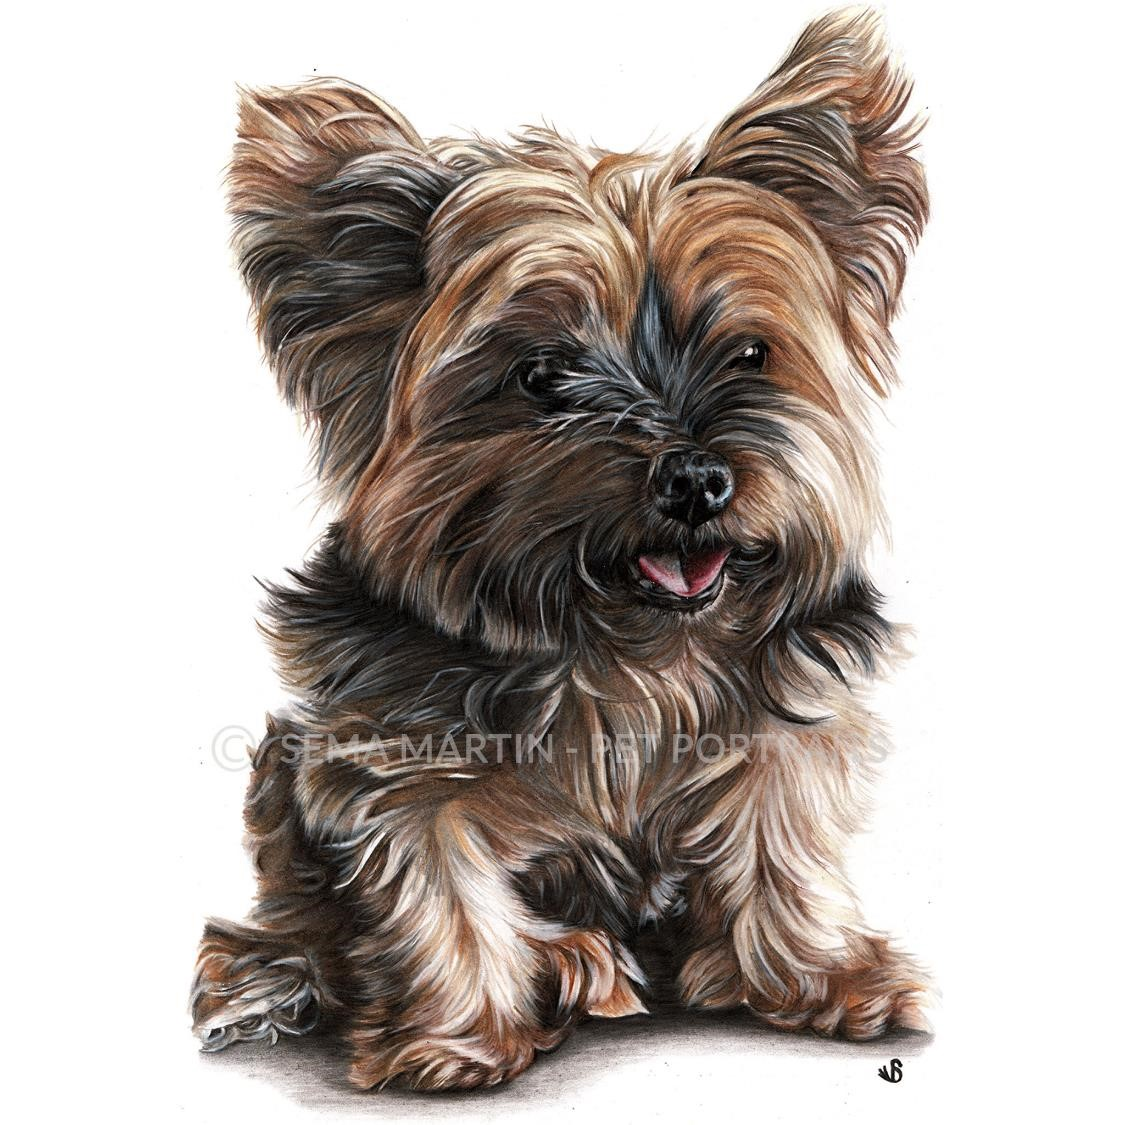 'Mitzi' - UK, 8.3 x 11.7 inches, 2019, Colour Pencil Yorkshire Terrier Portrait